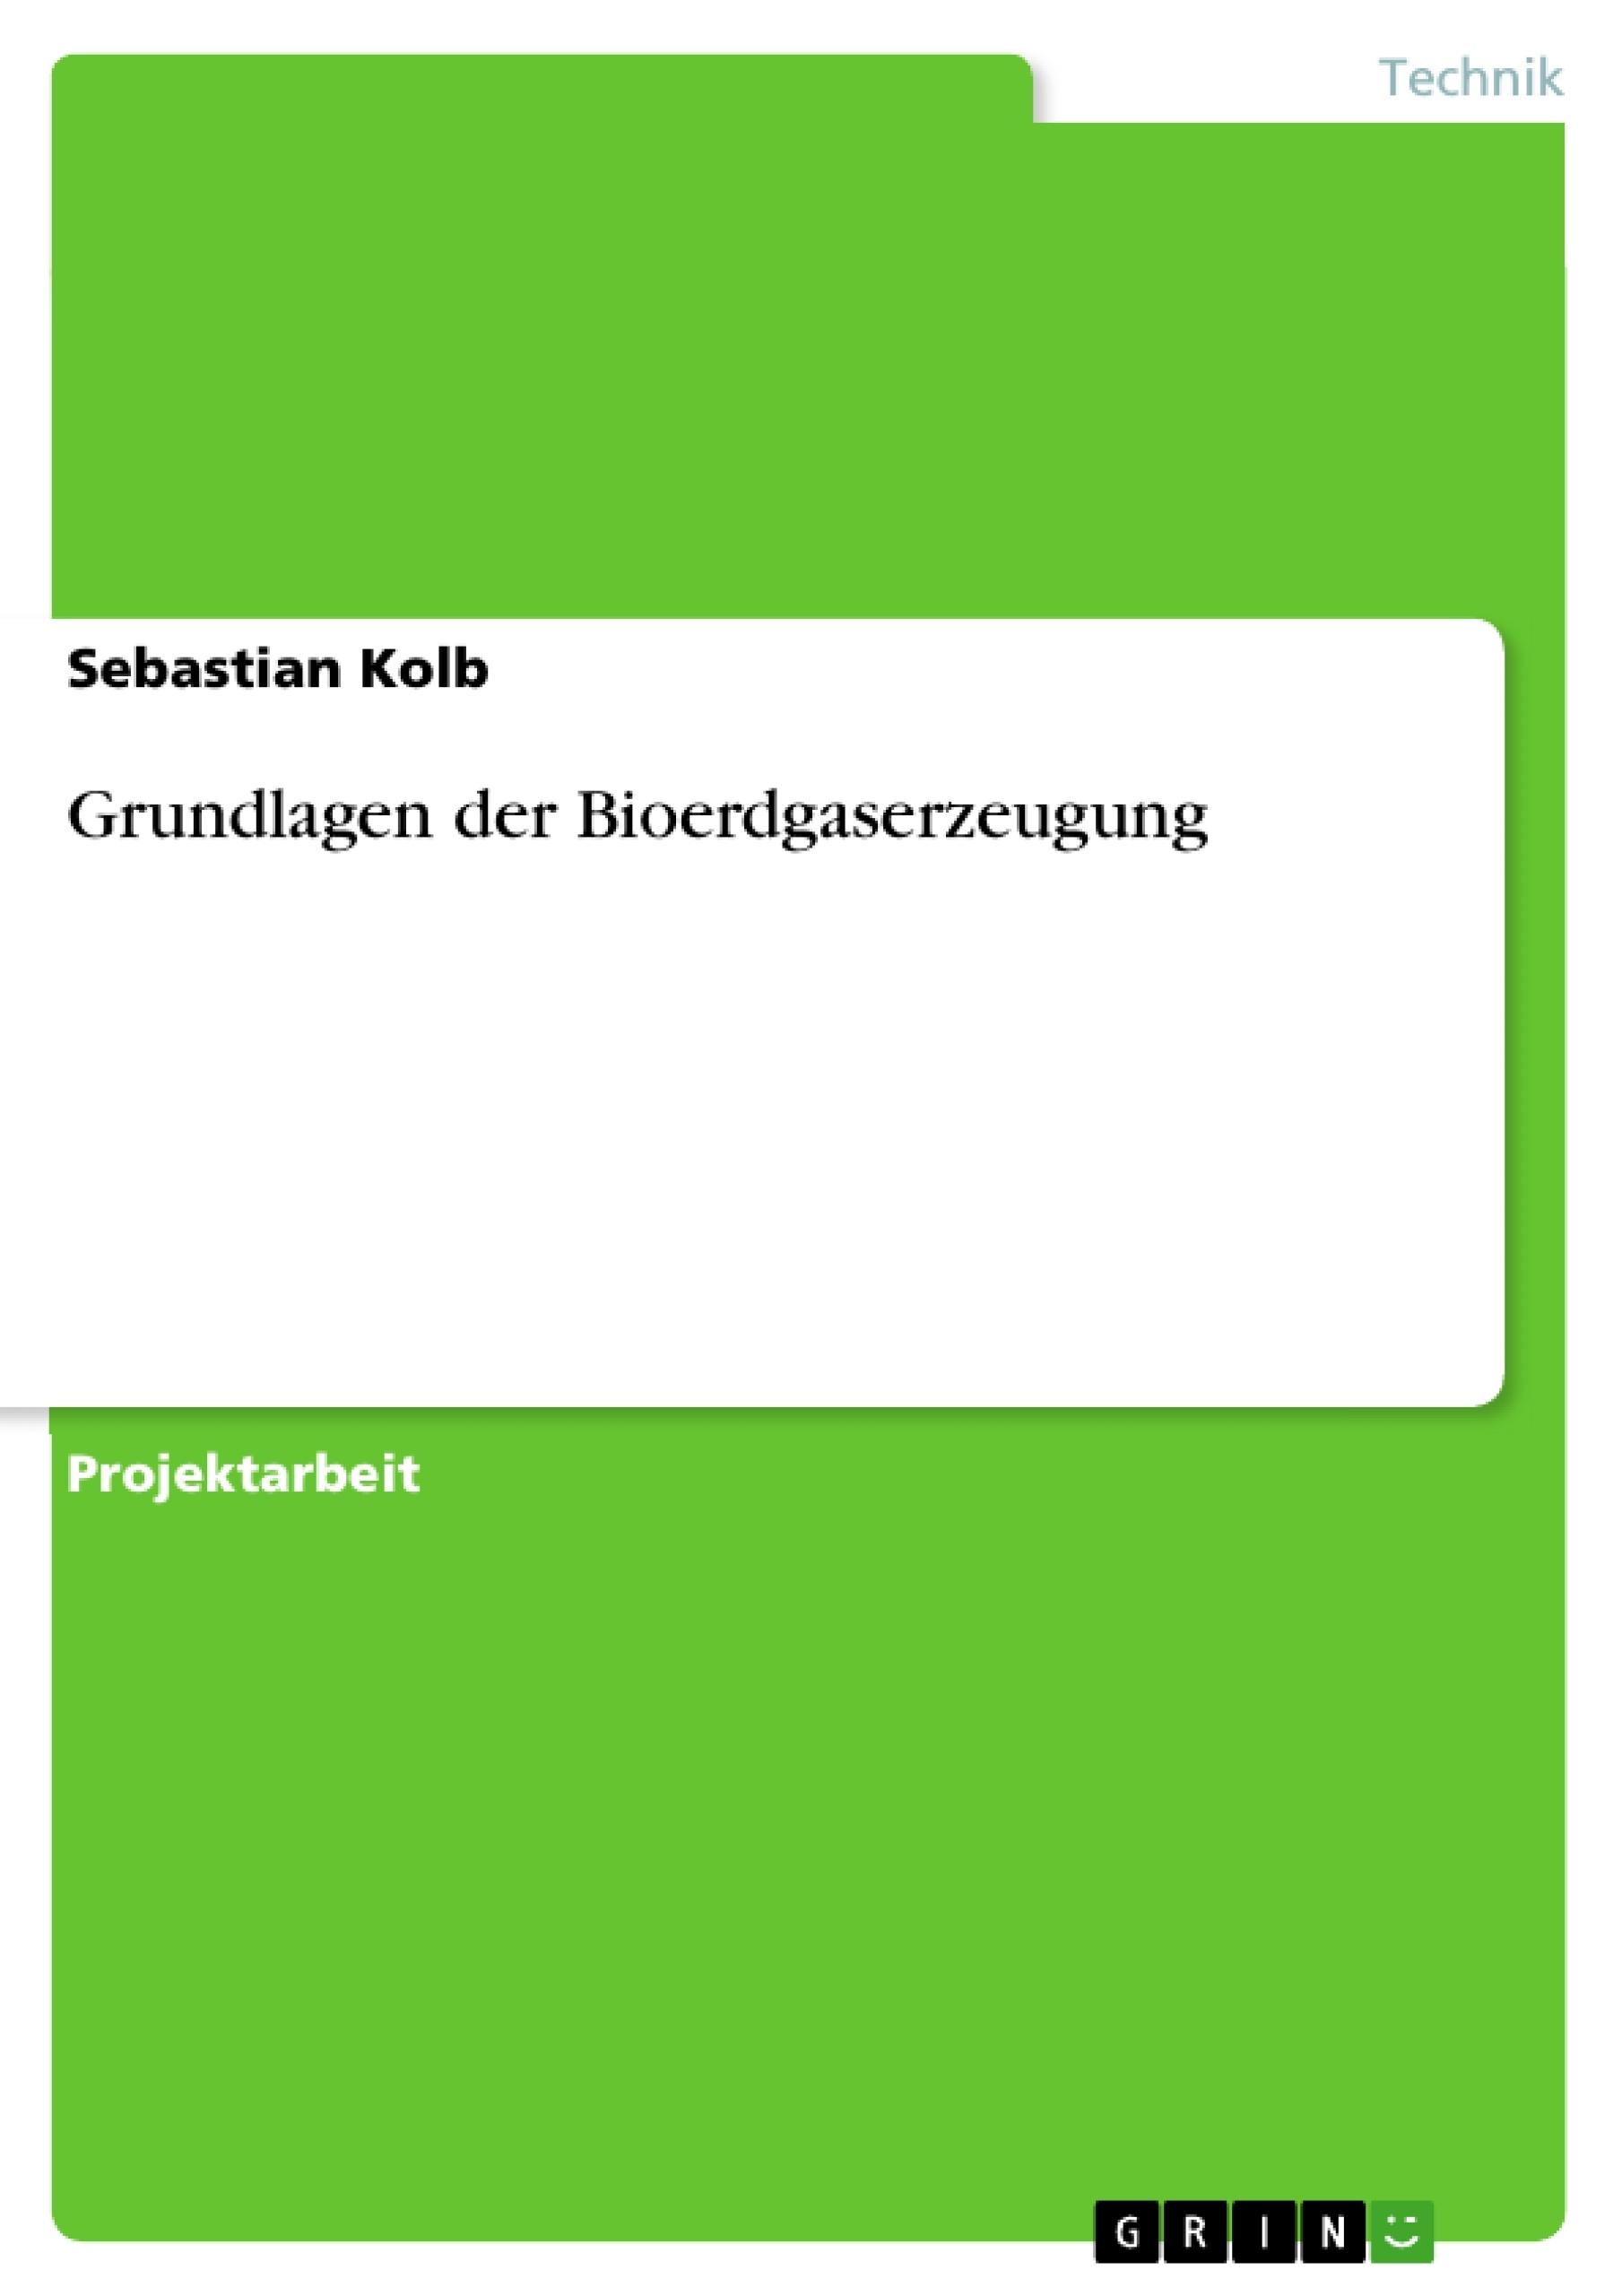 Titel: Grundlagen der Bioerdgaserzeugung